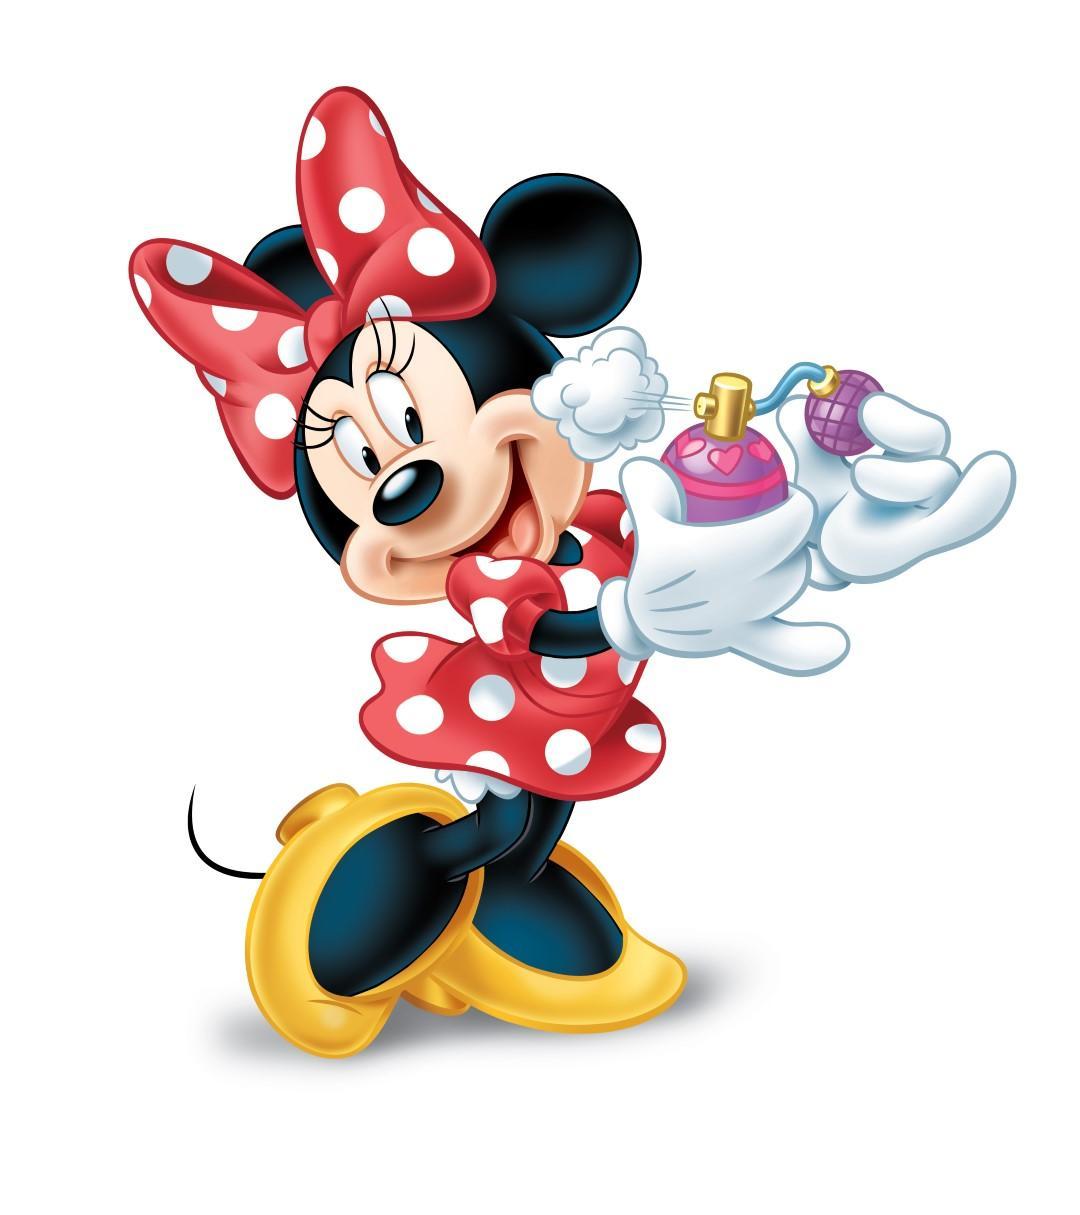 Minnie Mouse, icona di stile e reginetta dei pois